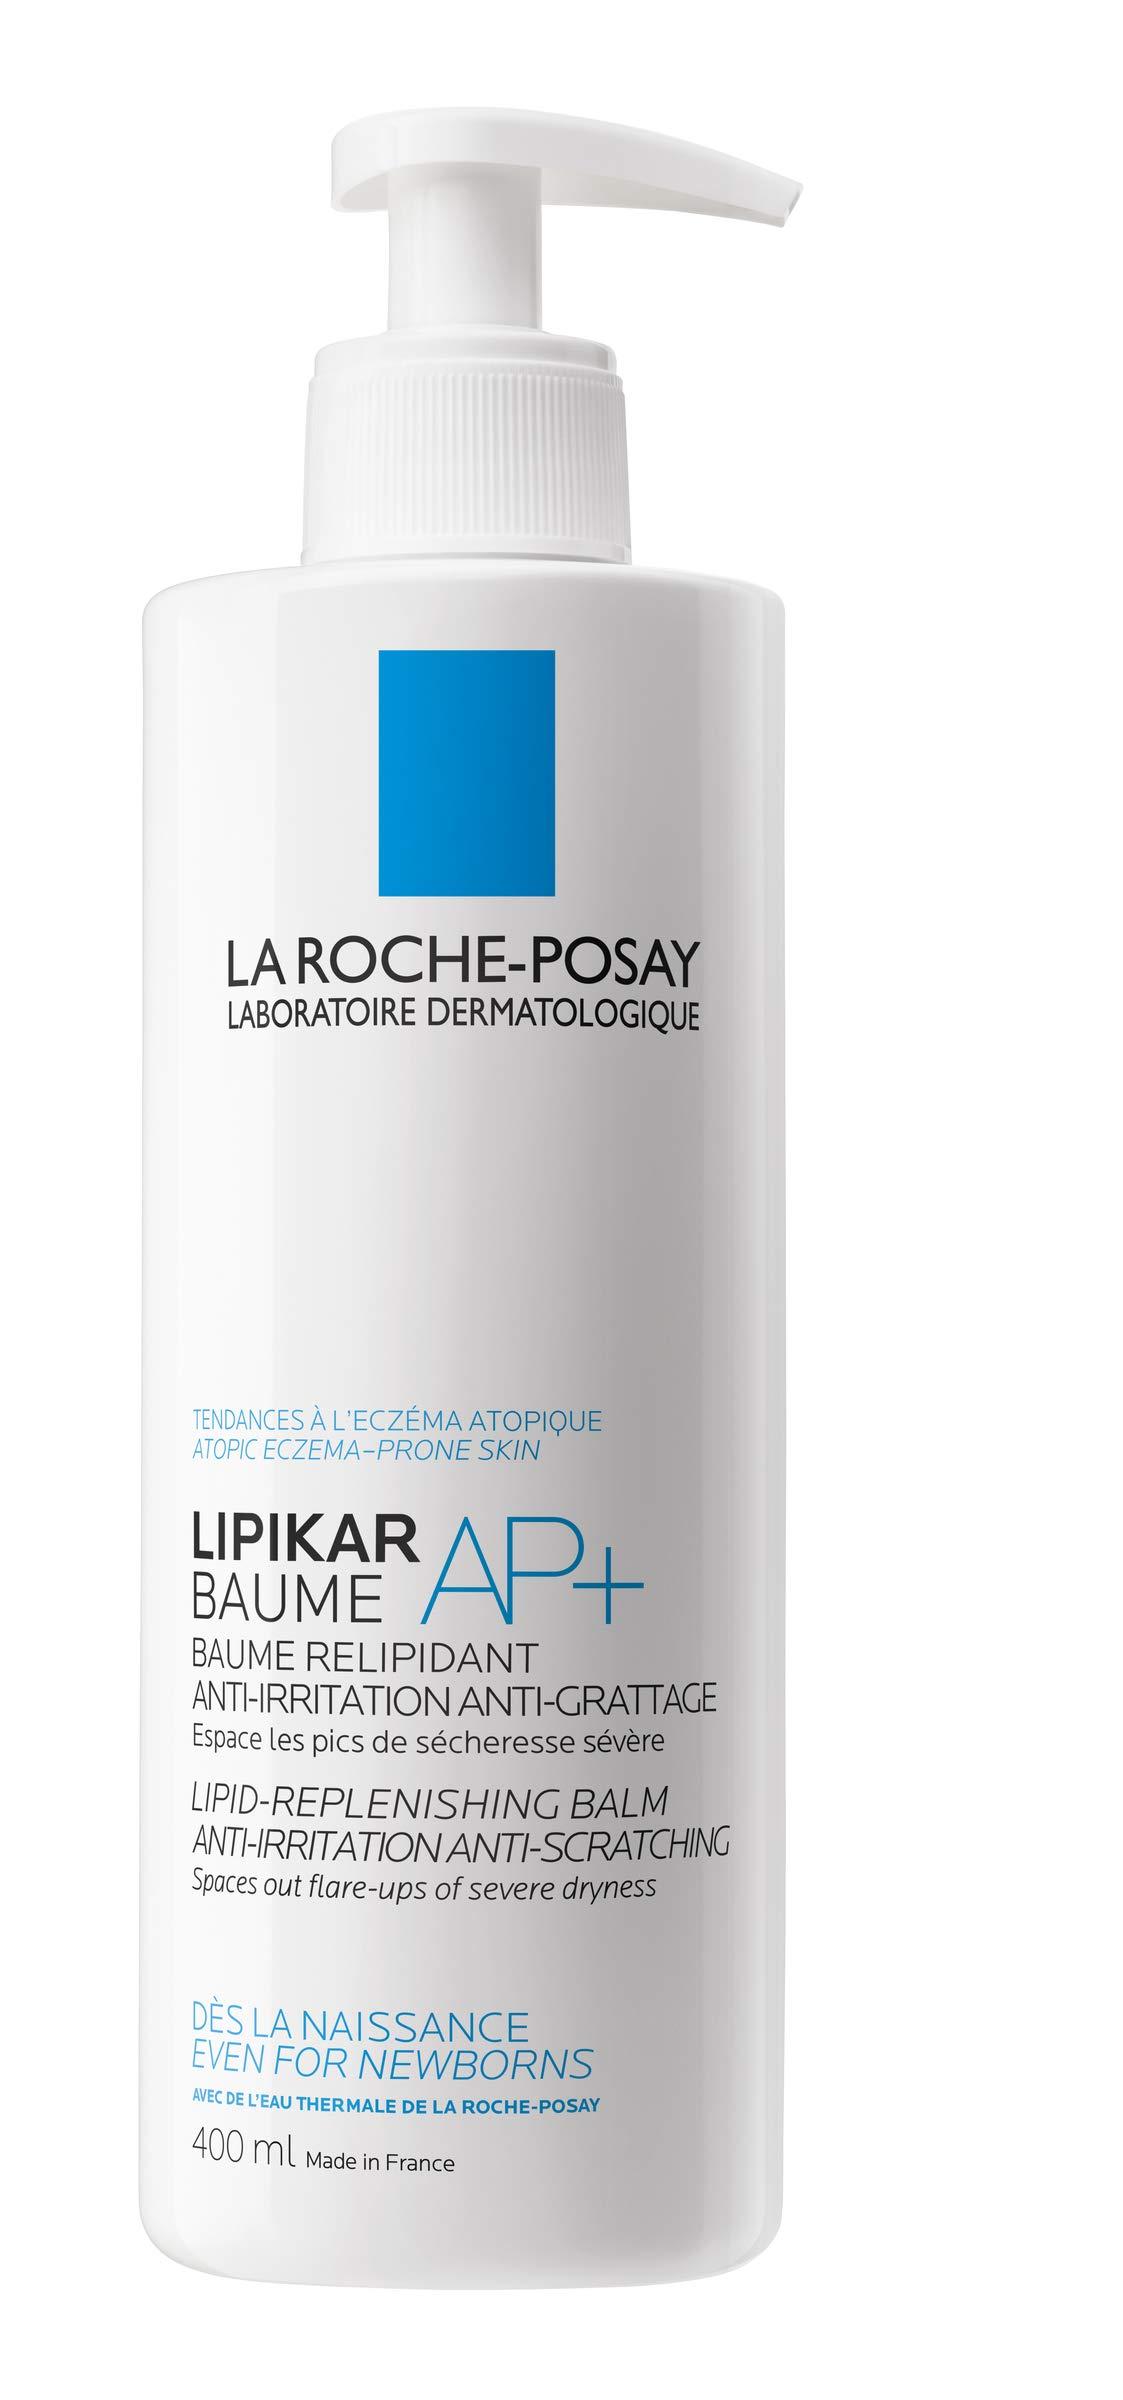 La Roche-Posay Lipikar Balm AP+ Intense Repair Body Cream, 13.52 Fl. Oz. by La Roche-Posay